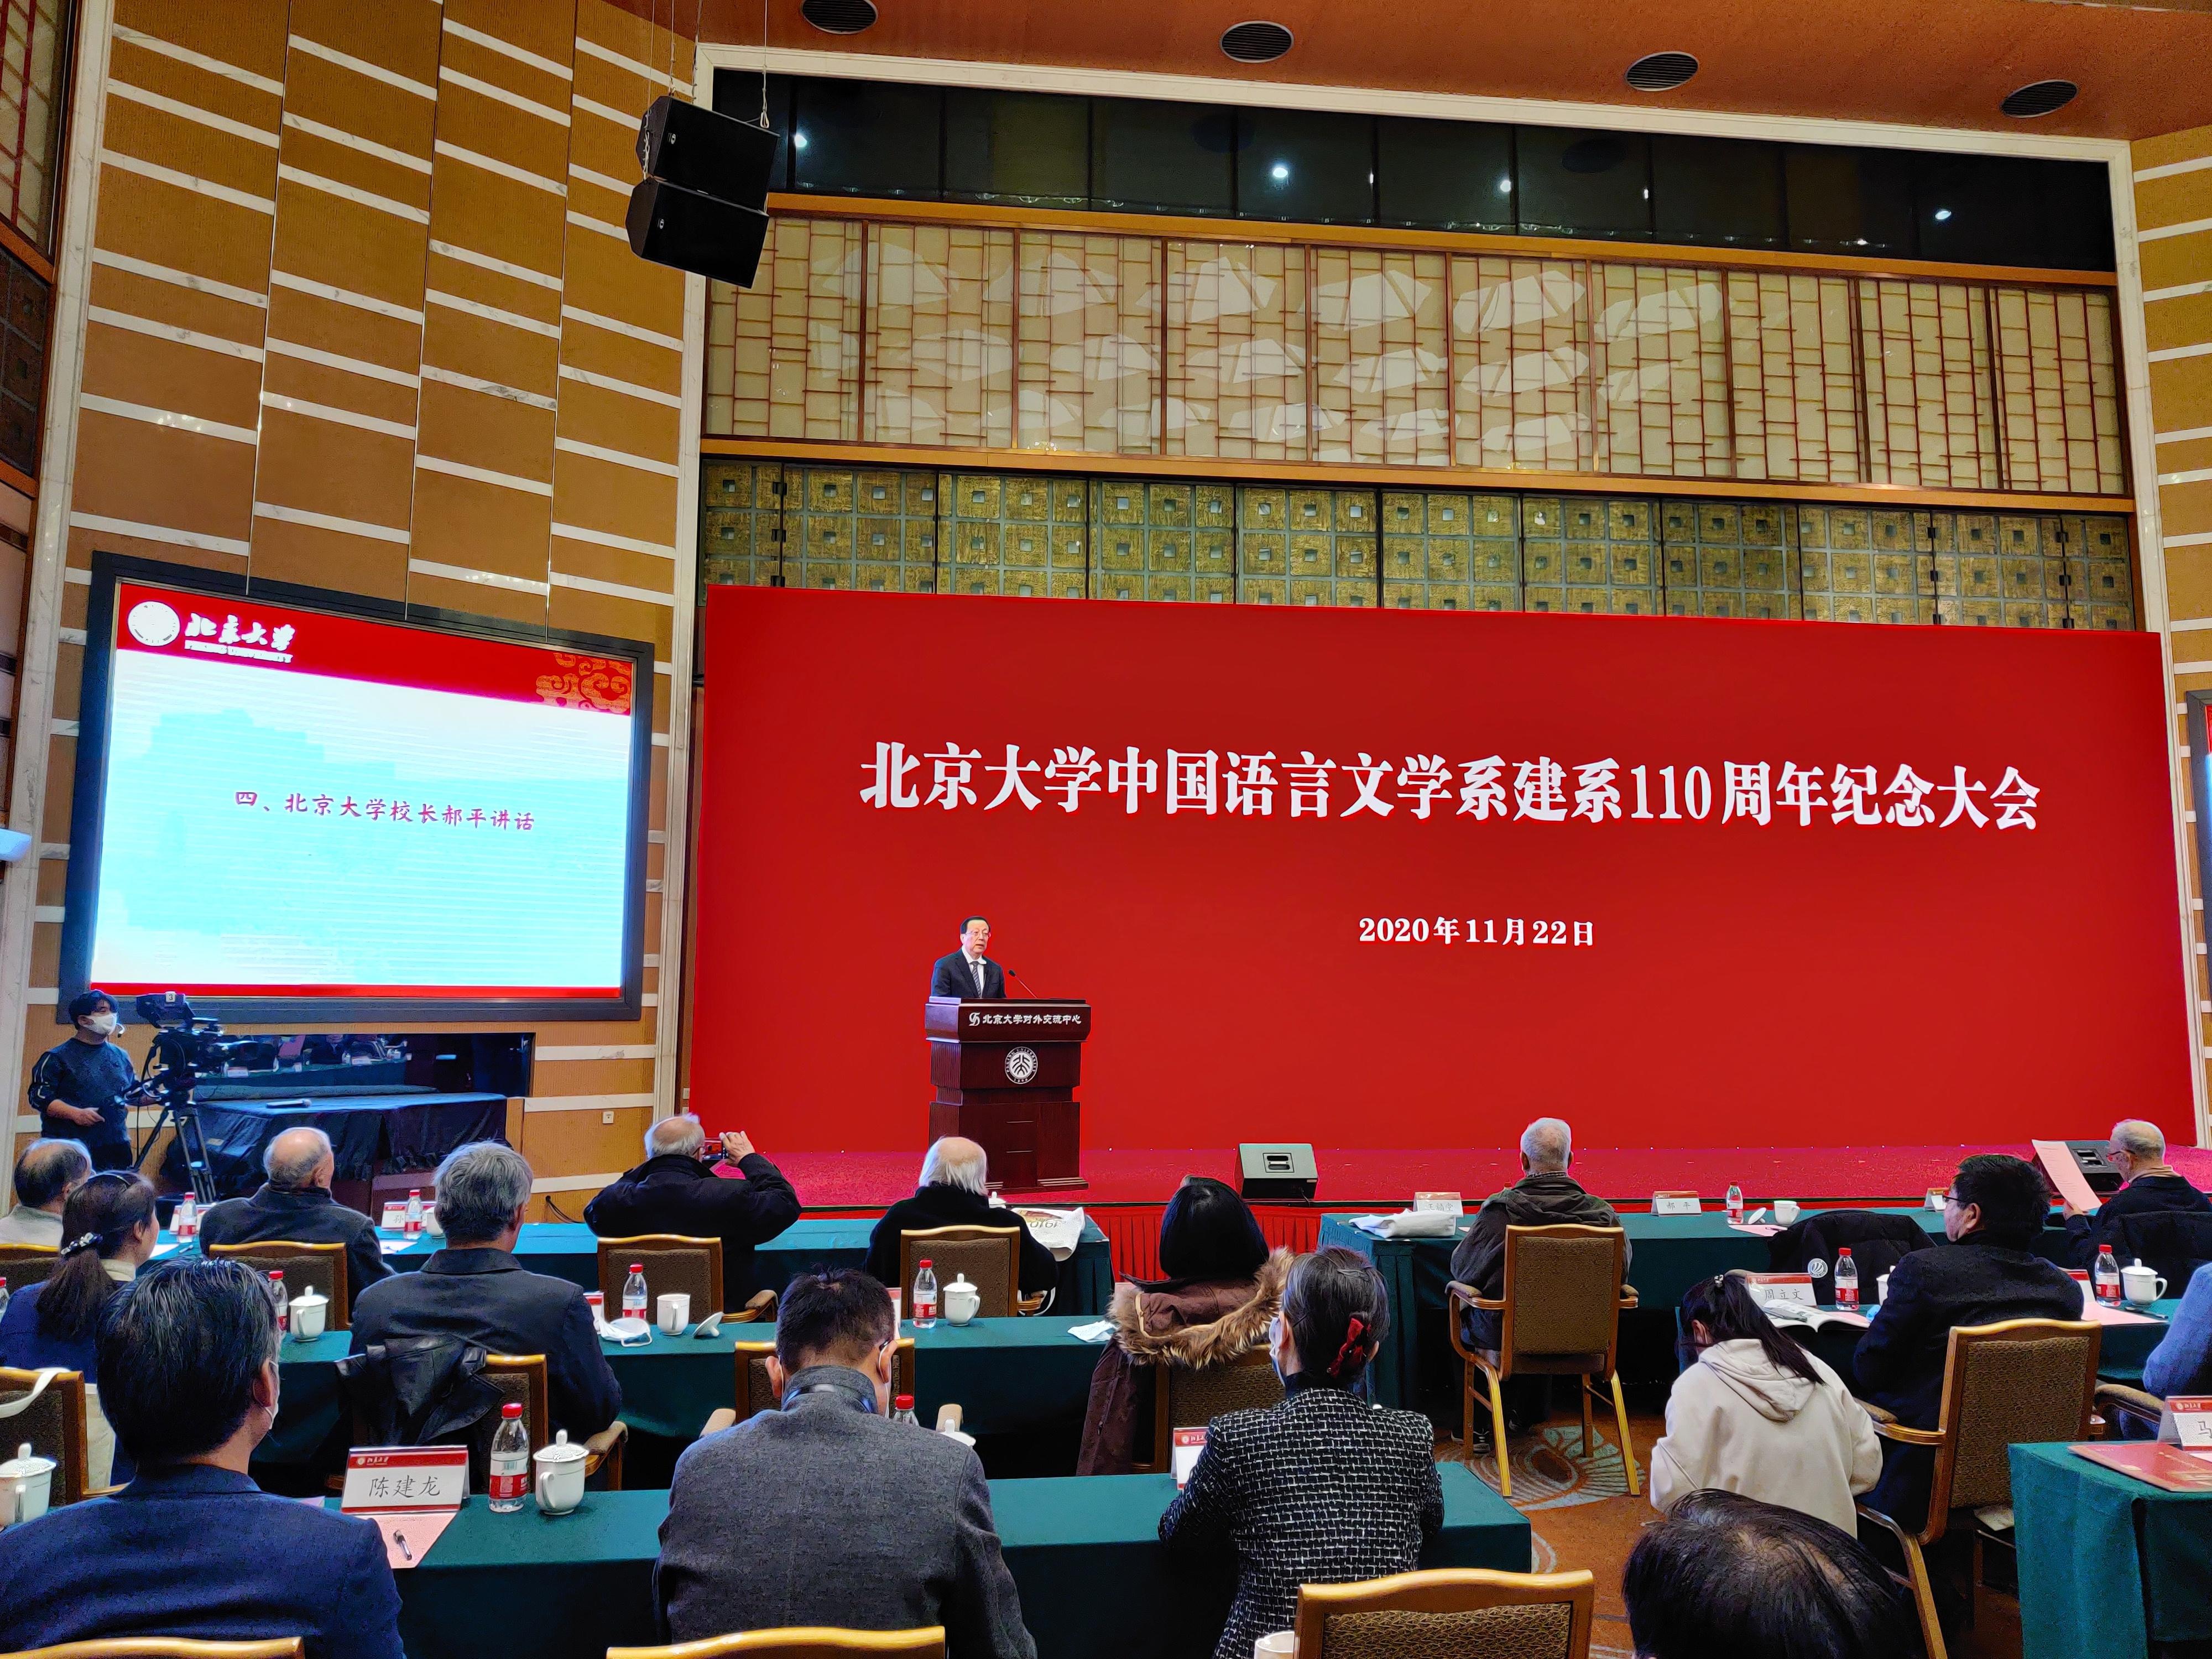 北京大学中国语言文学系建系110周年纪念大会现场。